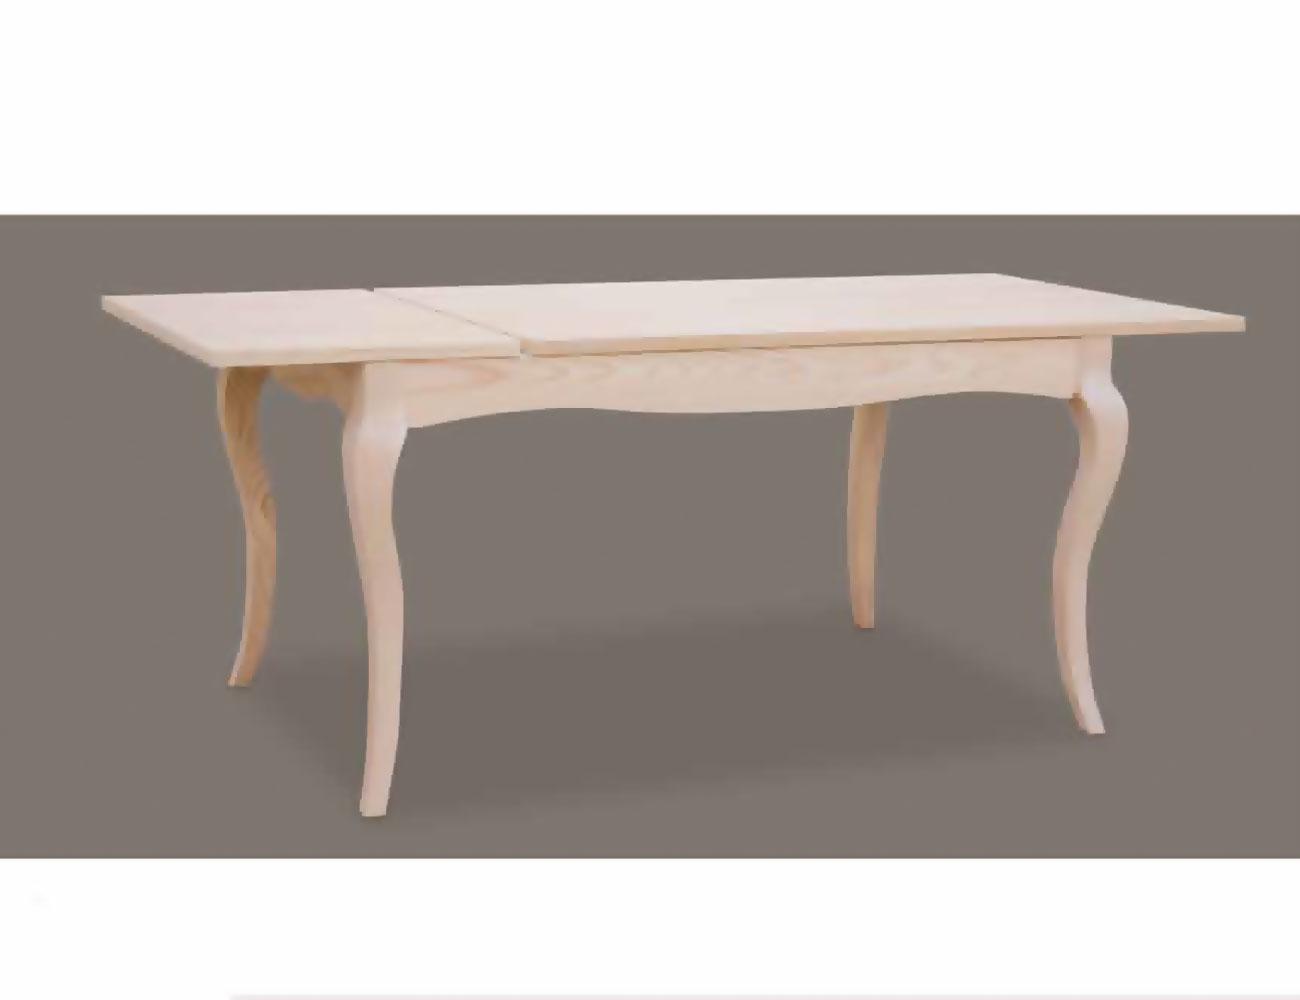 Mesa comedor extensible 140 cm en madera con patas - Mesas comedor madera extensibles ...